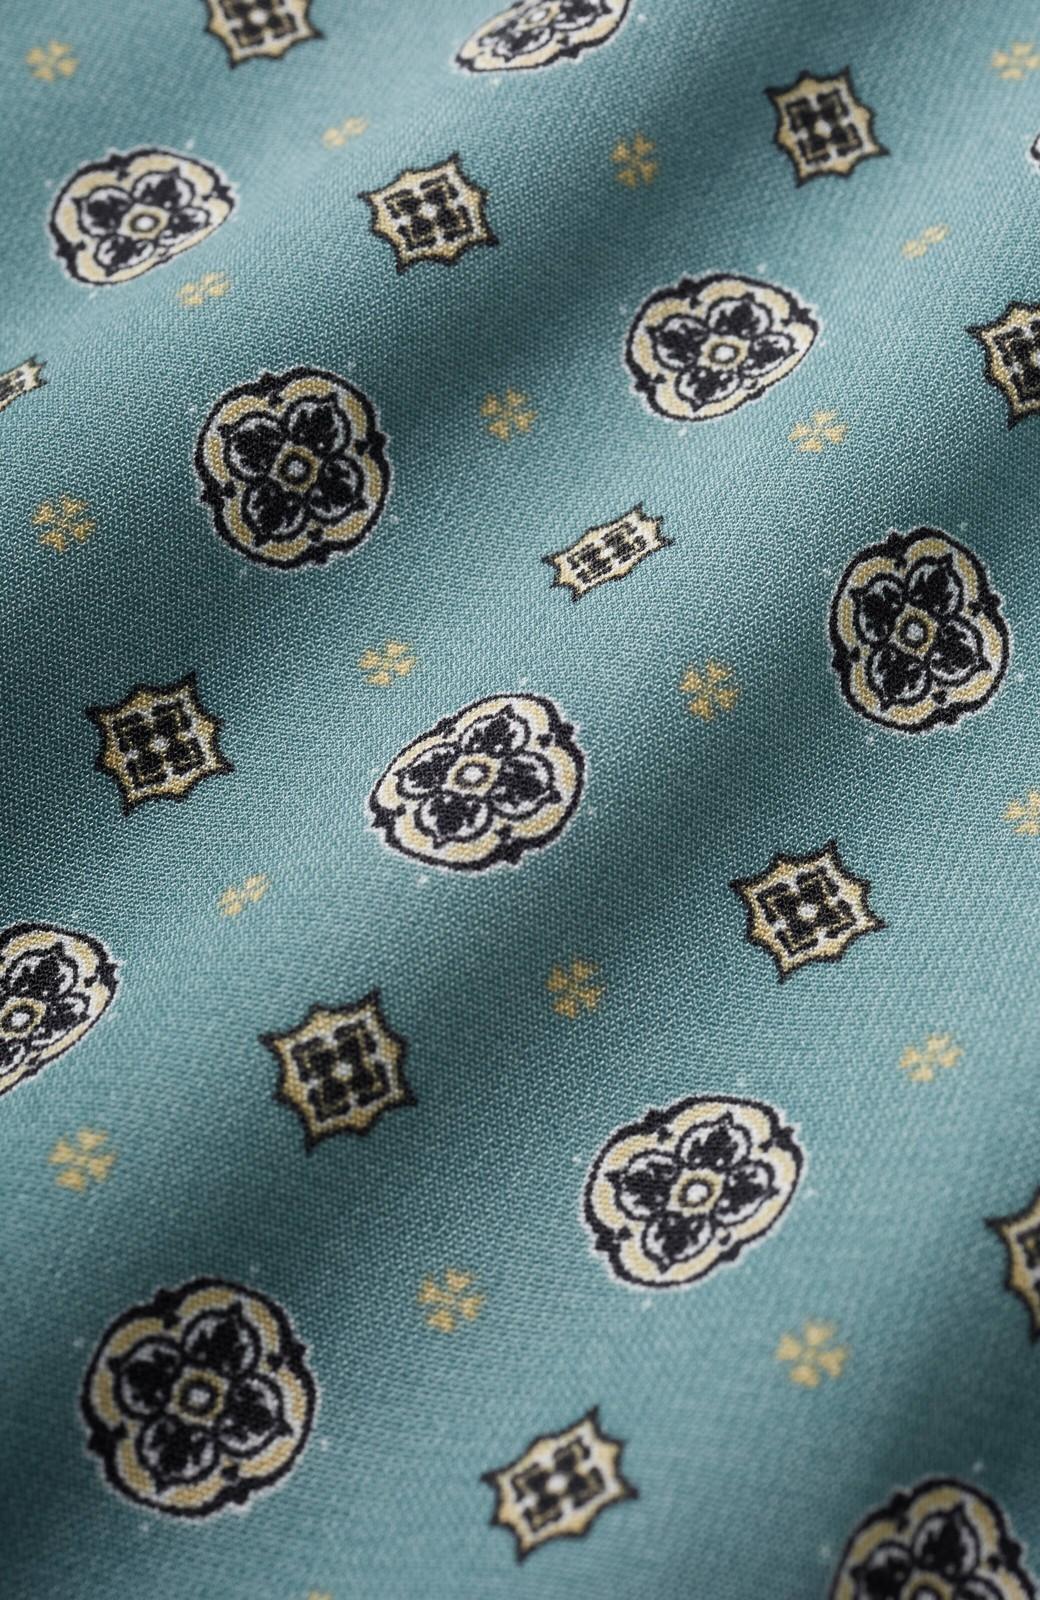 haco! コーデが華やいで気分も上がる 羽織りとしても便利な大人の雰囲気漂う小紋柄風ワンピース <ブルー>の商品写真4